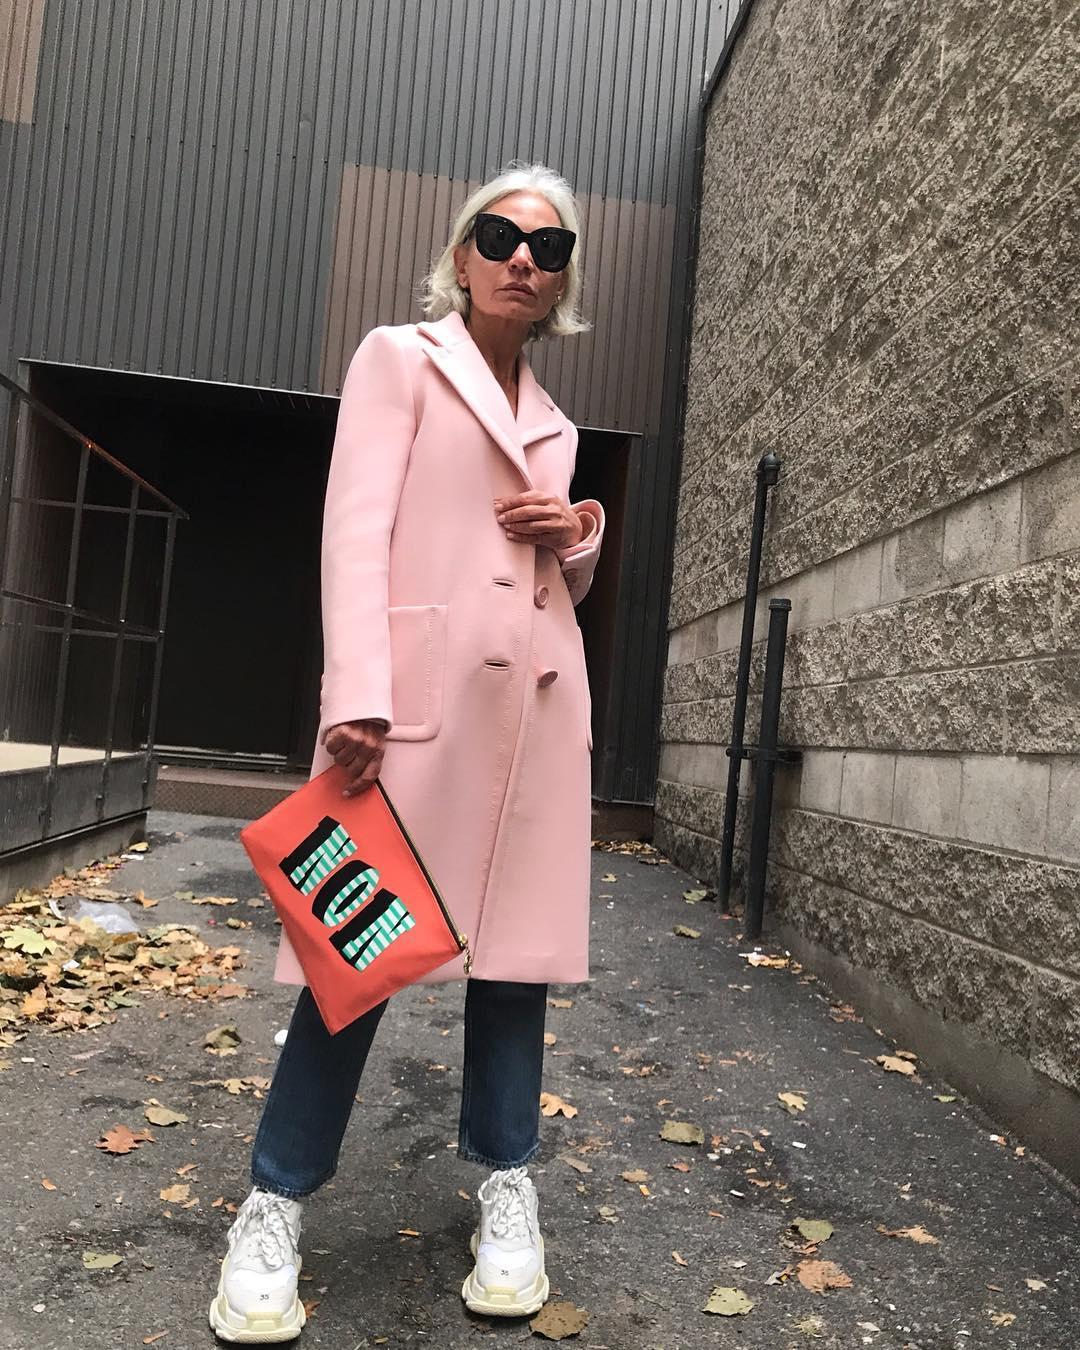 thời trang bất chấp tuổi tác của cụ bà tuổi 52 6